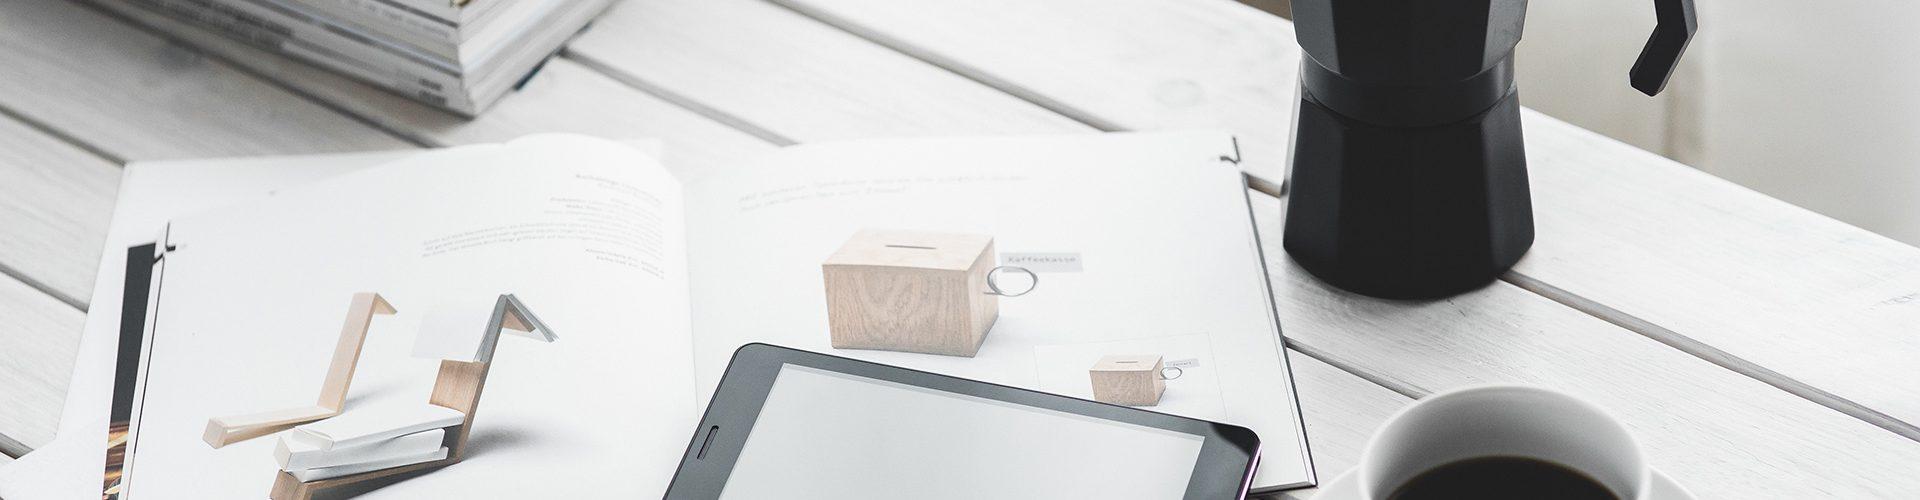 arbeiten-arbeitsplatz-bildschirm-6350